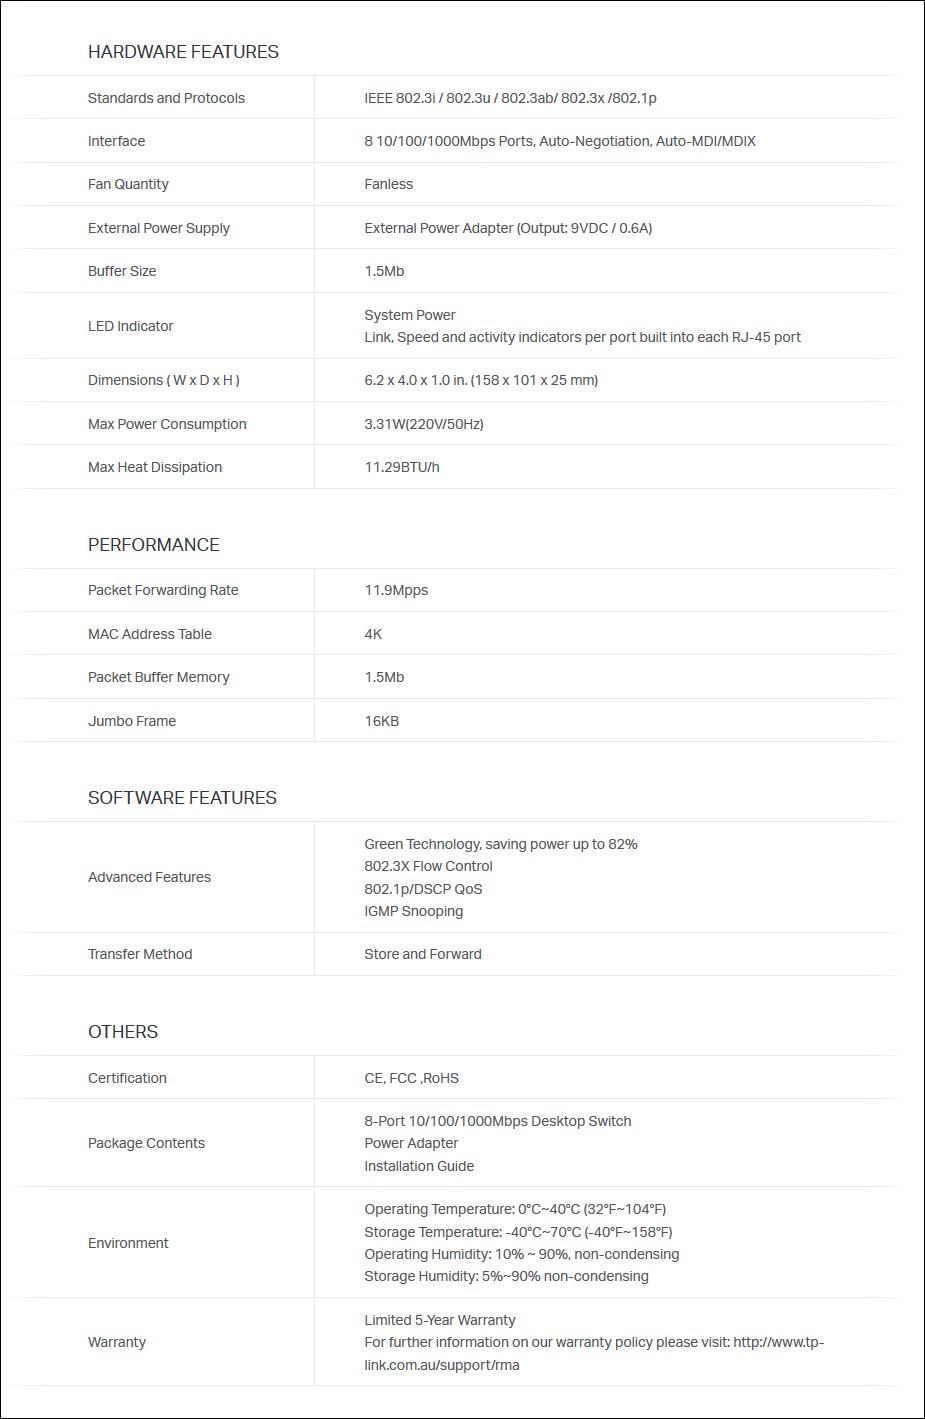 TP-LINK TL-SG108 8 Port Gigabit Desktop Switch - Metal Housing - Overview 2